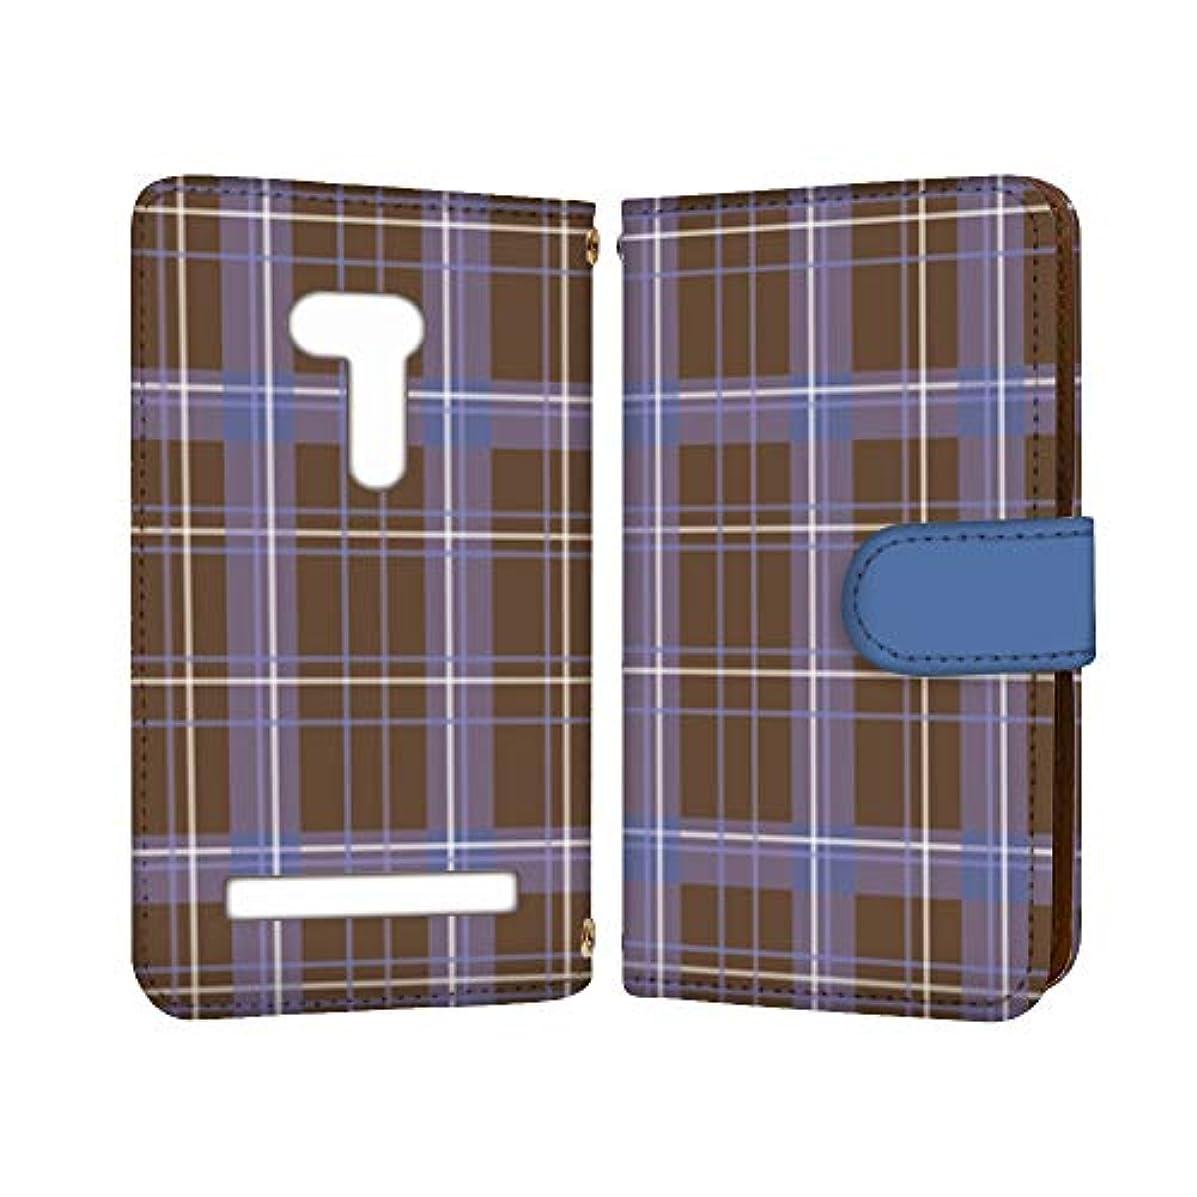 頬宿ピューanve ZenFone Go ZB551KL 国内生産 カード スマホケース 手帳型 ASUS エイスース ゼンフォン ゴー 【C.ブルー】 チェック柄 格子柄 best_vc-582